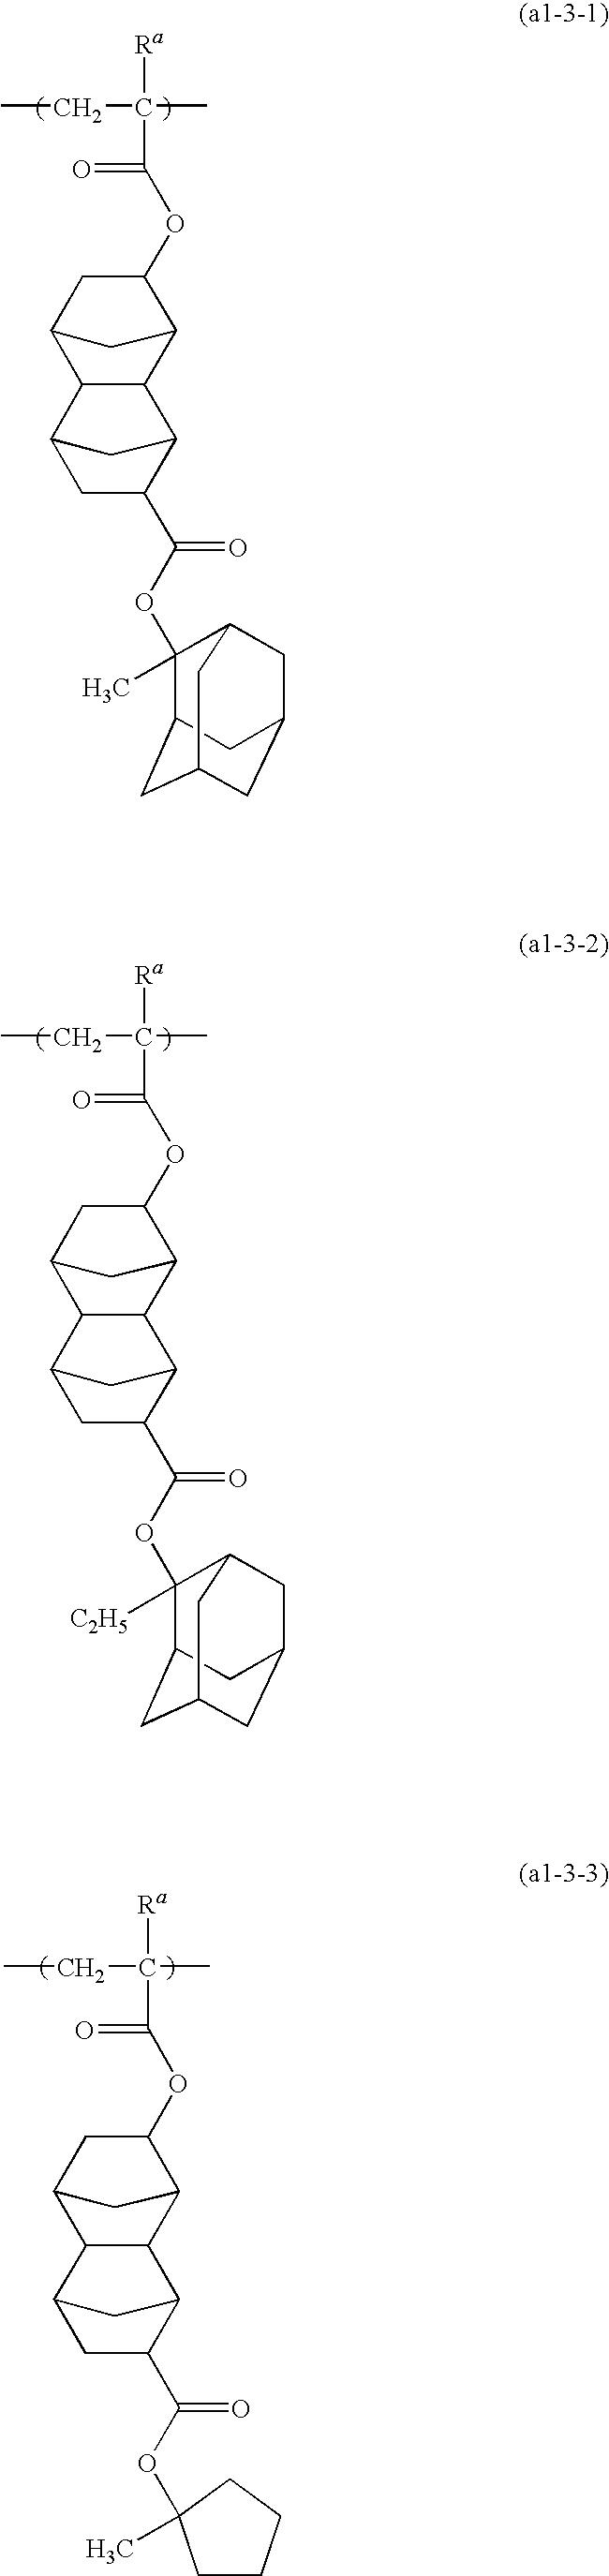 Figure US20100136480A1-20100603-C00033